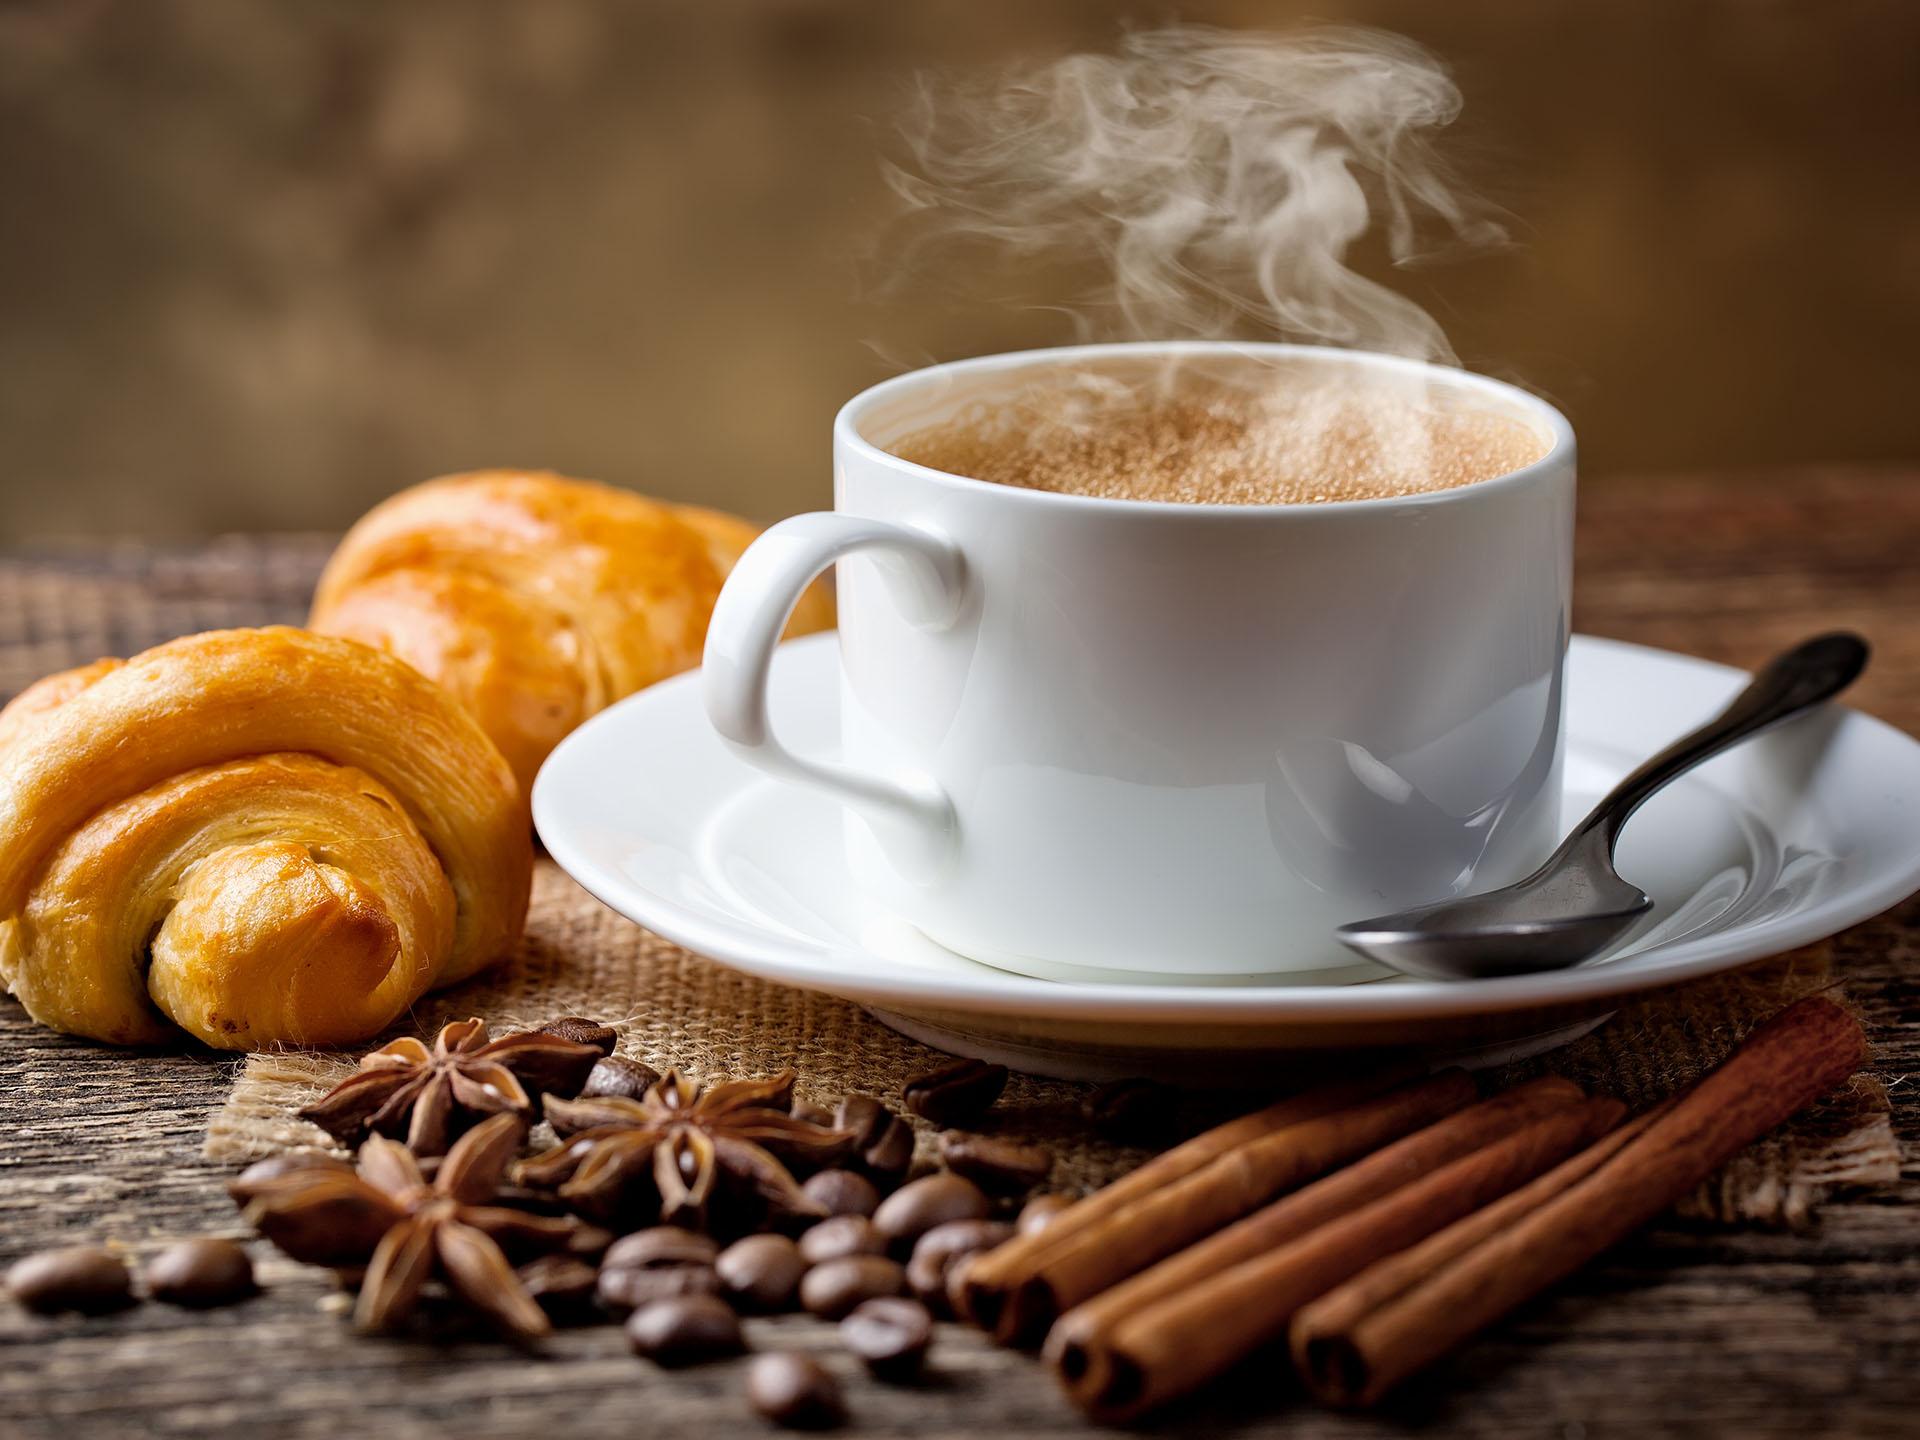 Картинки с добрым утром и кофе утренняя, знаю прикольные